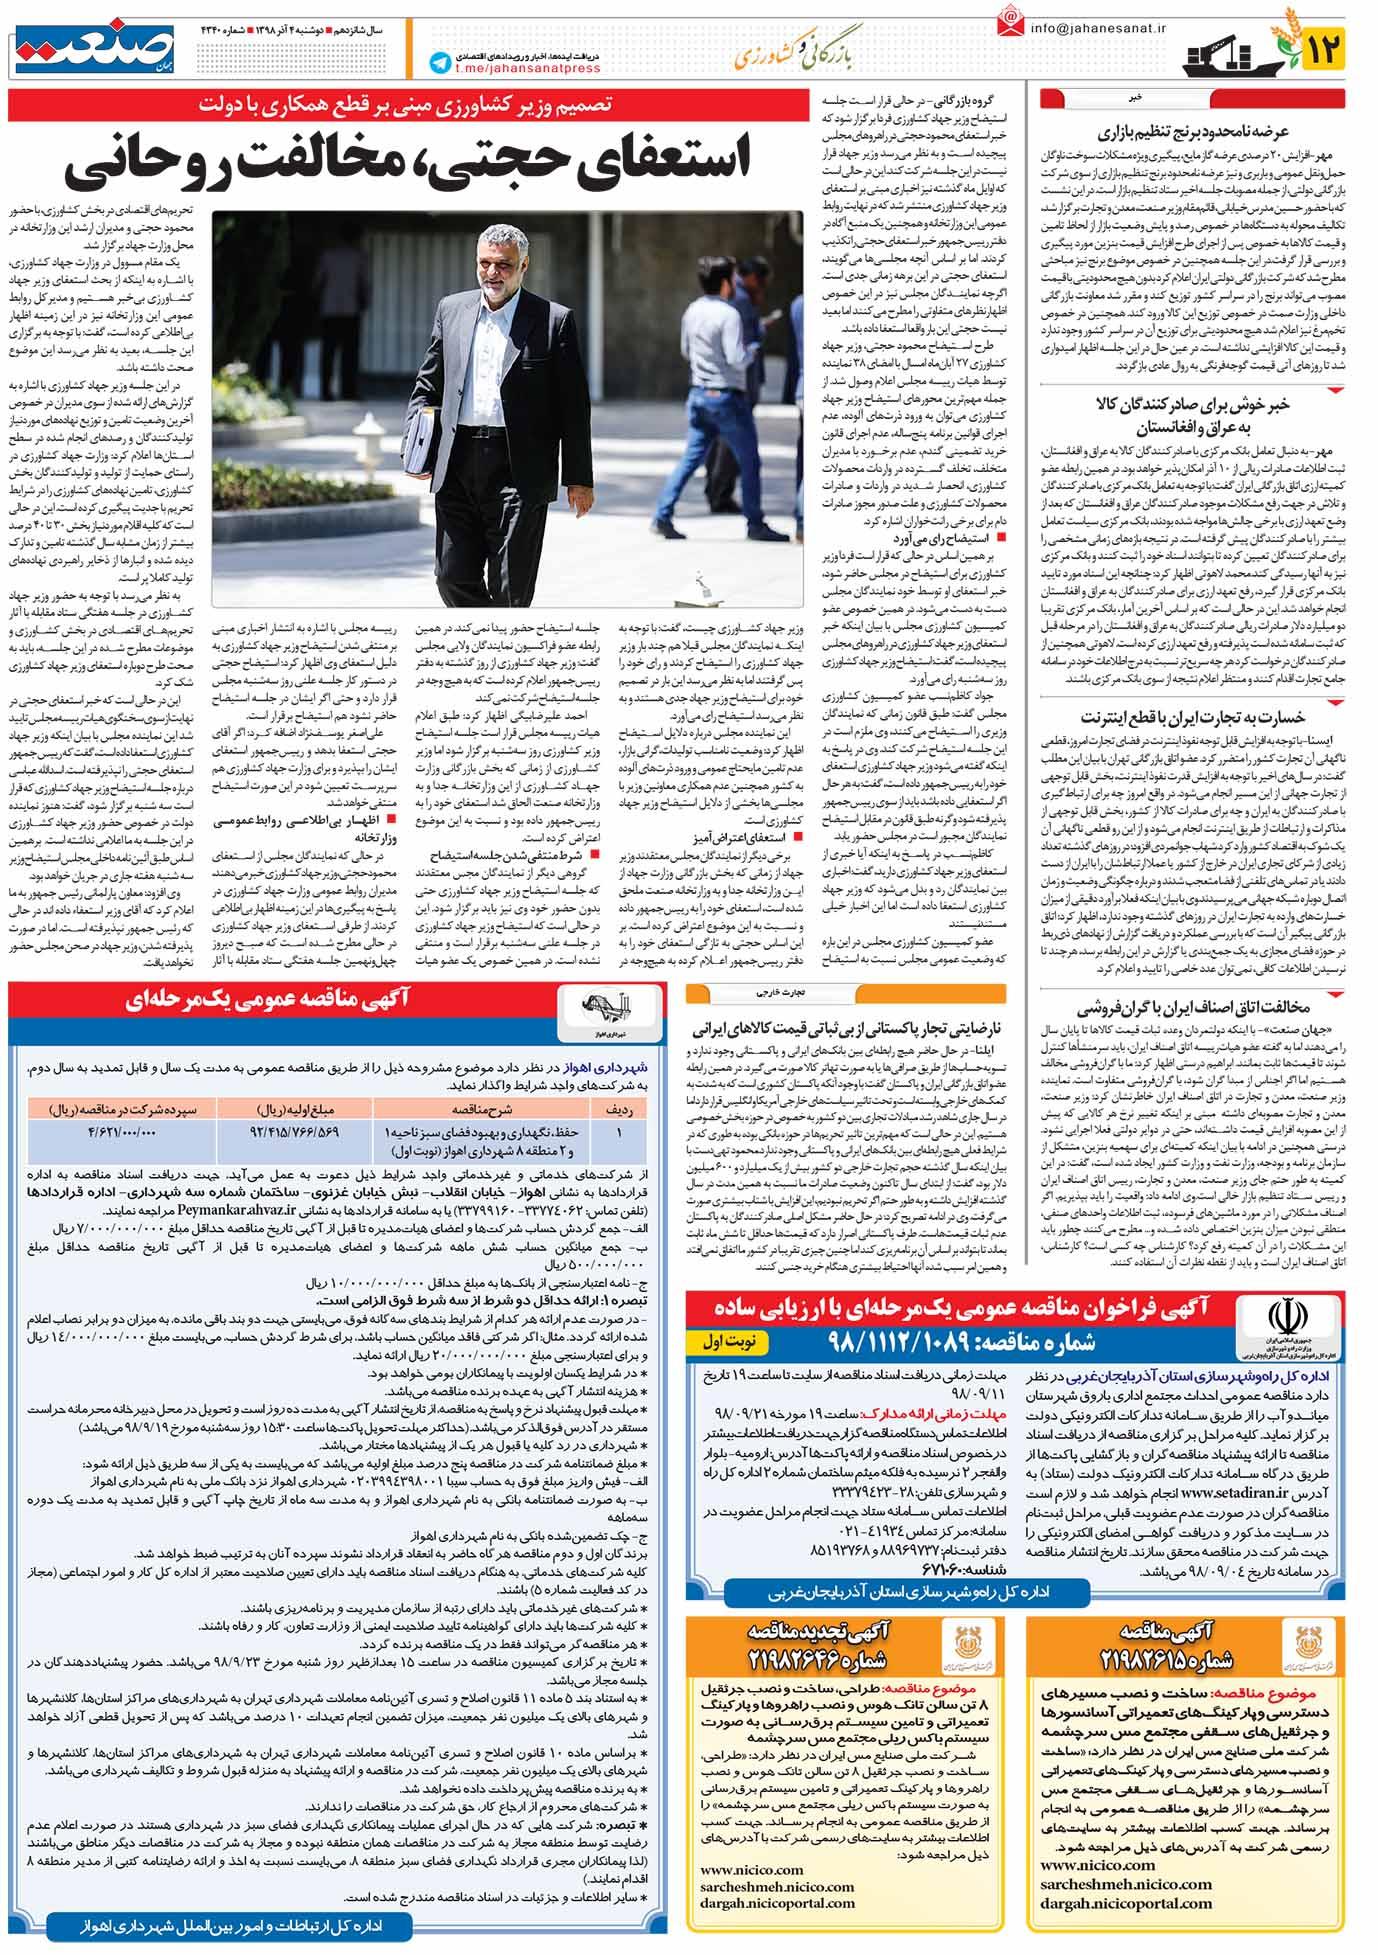 صفحه ۱۲-۴ آذر۱۳۹۸